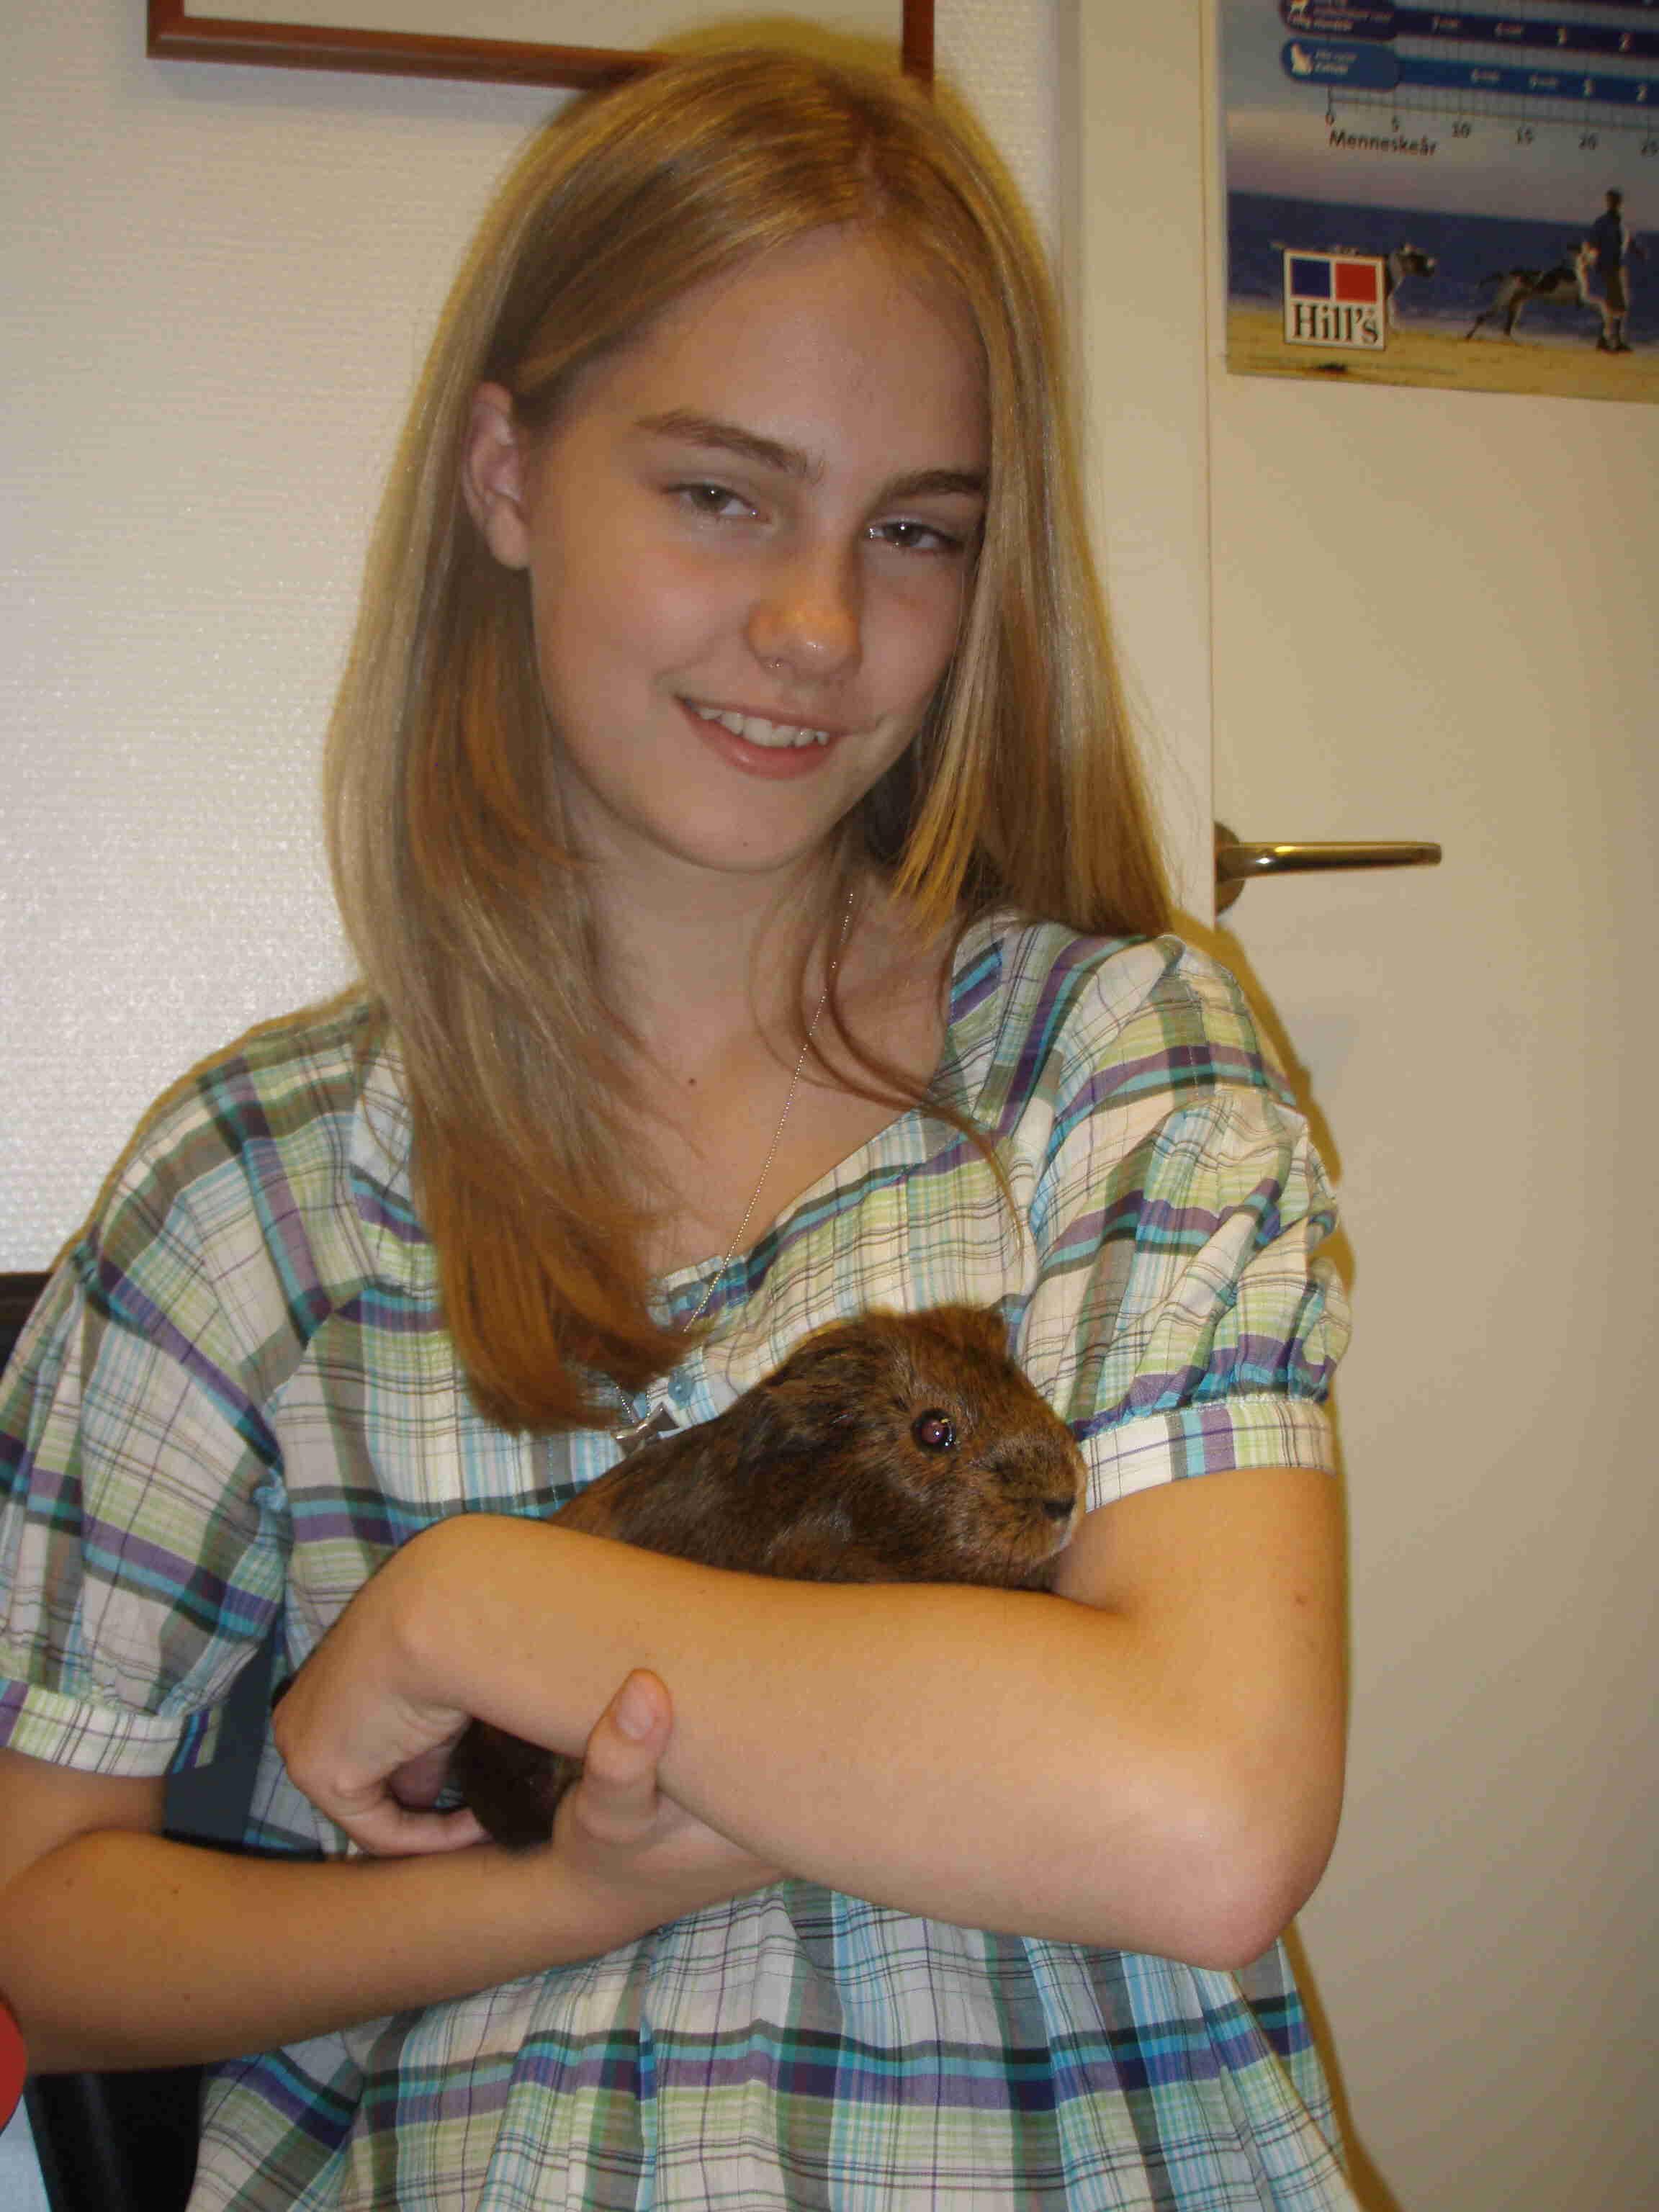 Emily og Pjuske november 2008